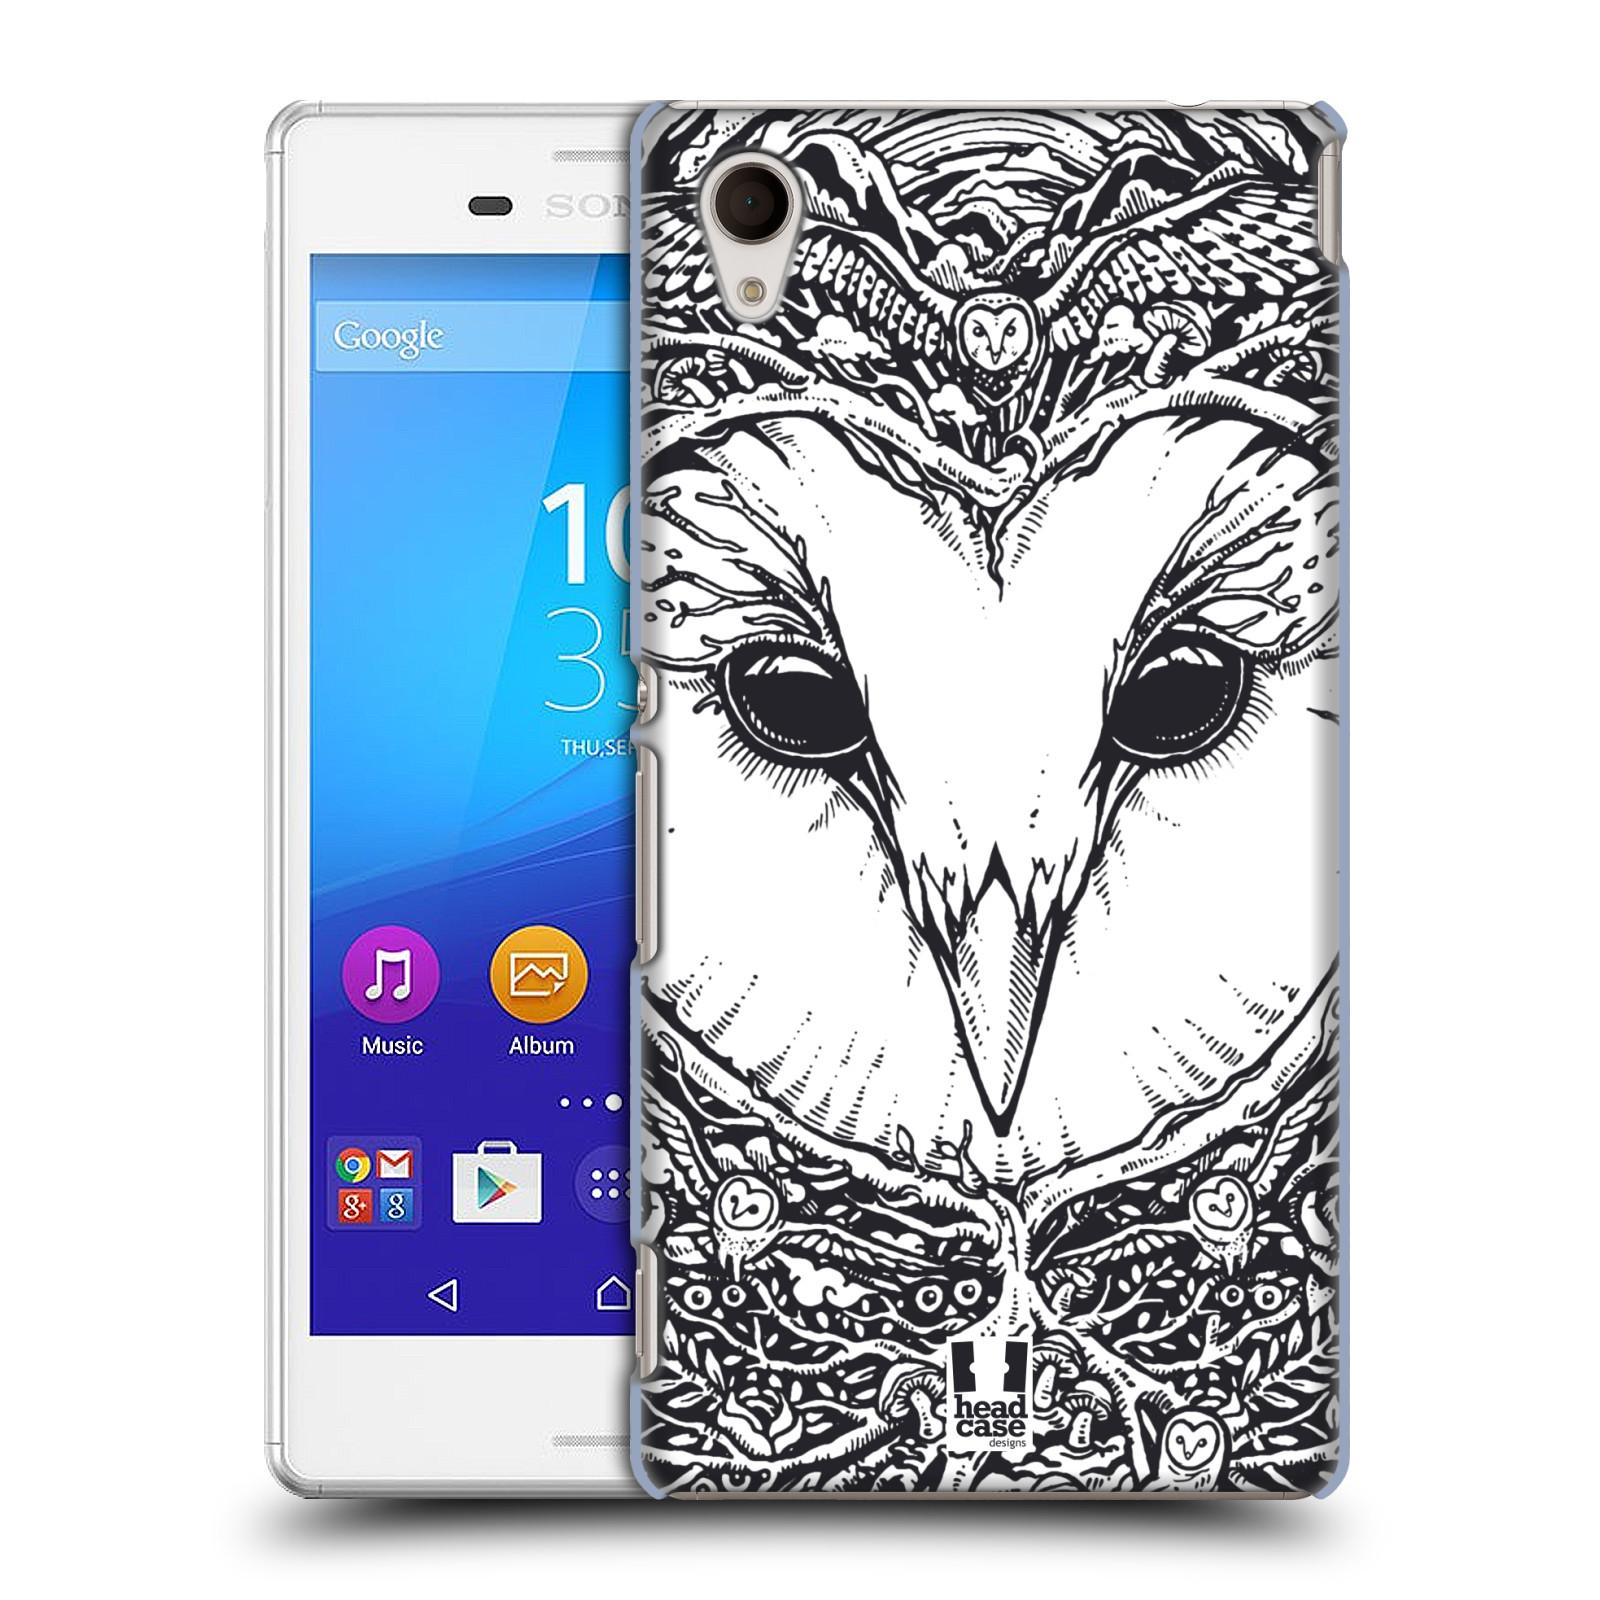 Plastové pouzdro na mobil Sony Xperia M4 Aqua E2303 HEAD CASE DOODLE TVÁŘ SOVA (Kryt či obal na mobilní telefon Sony Xperia M4 Aqua a M4 Aqua Dual SIM)